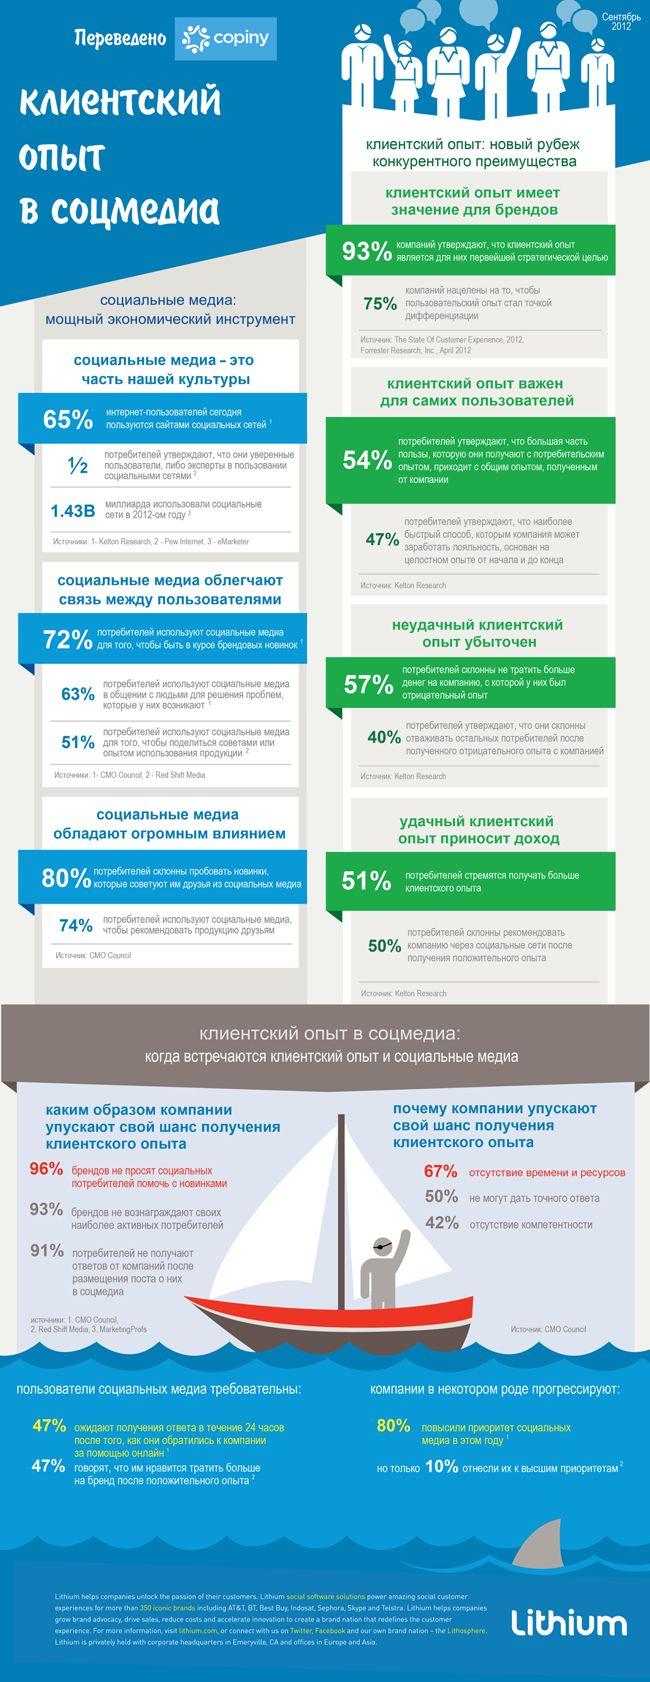 Инфографика: клиентский опыт в соцмедиа